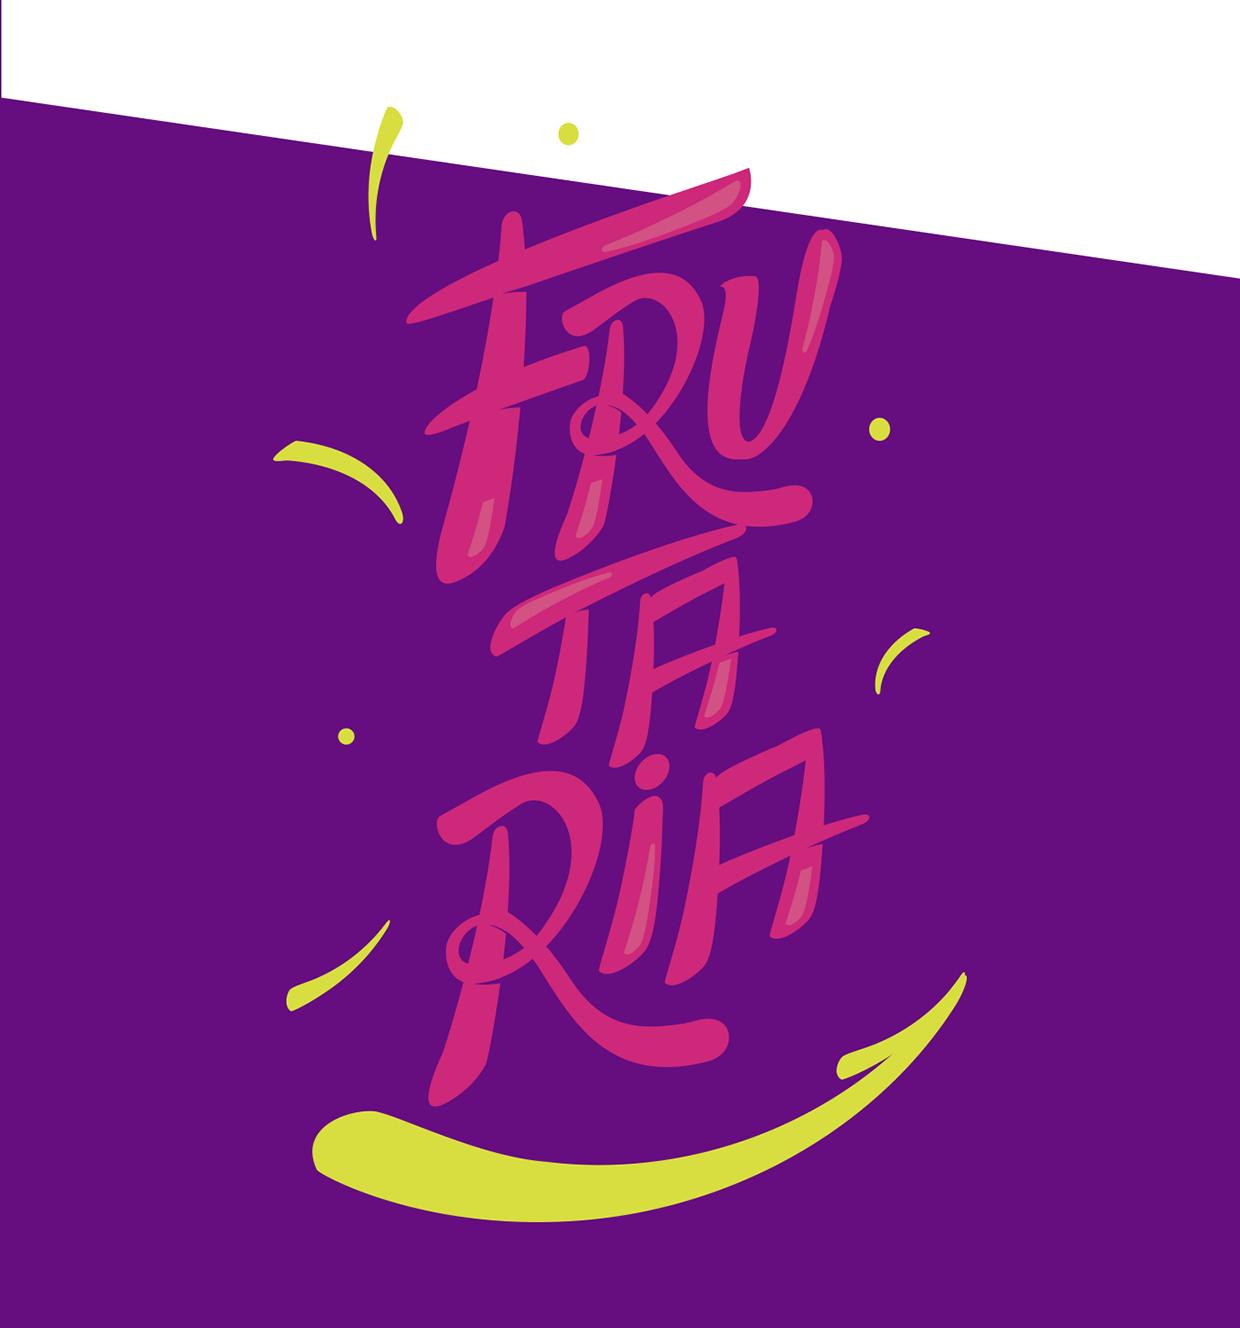 巴西水果饮料品牌Frutaria包装设计